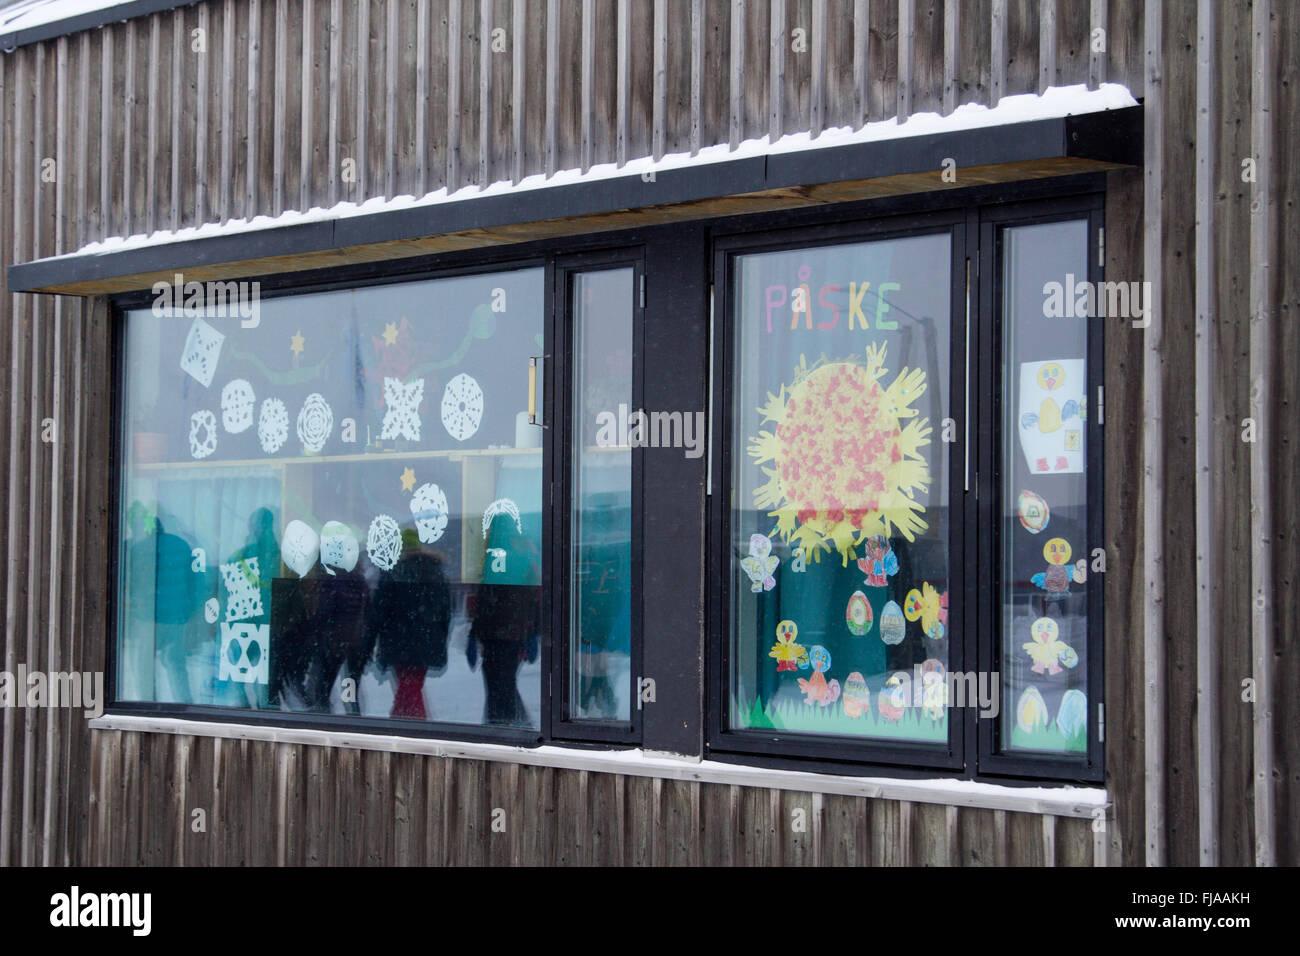 Holiday window. Easter in Longyearbyen, Spitsbergen (Svalbard). Norway - Stock Image